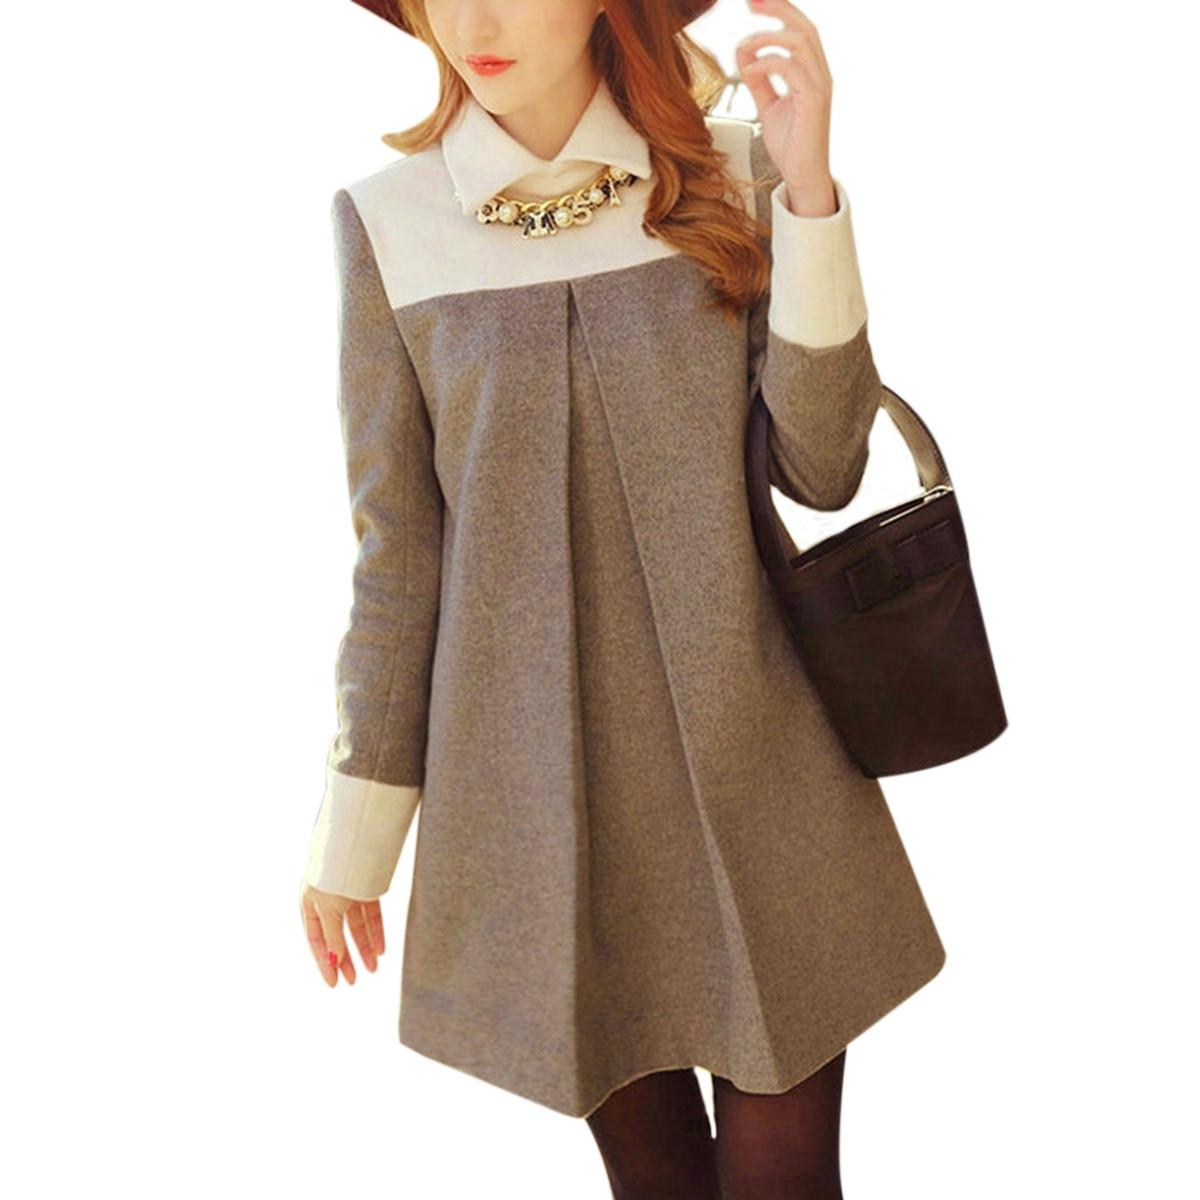 2015 Sonbahar Kadın Moda Yün Karışımı Elbise Bayanlar Zarif Uzun Kollu Peter Pan Yaka Patchwork Mini Bir Çizgi Elbiseler Vestidos FG1511